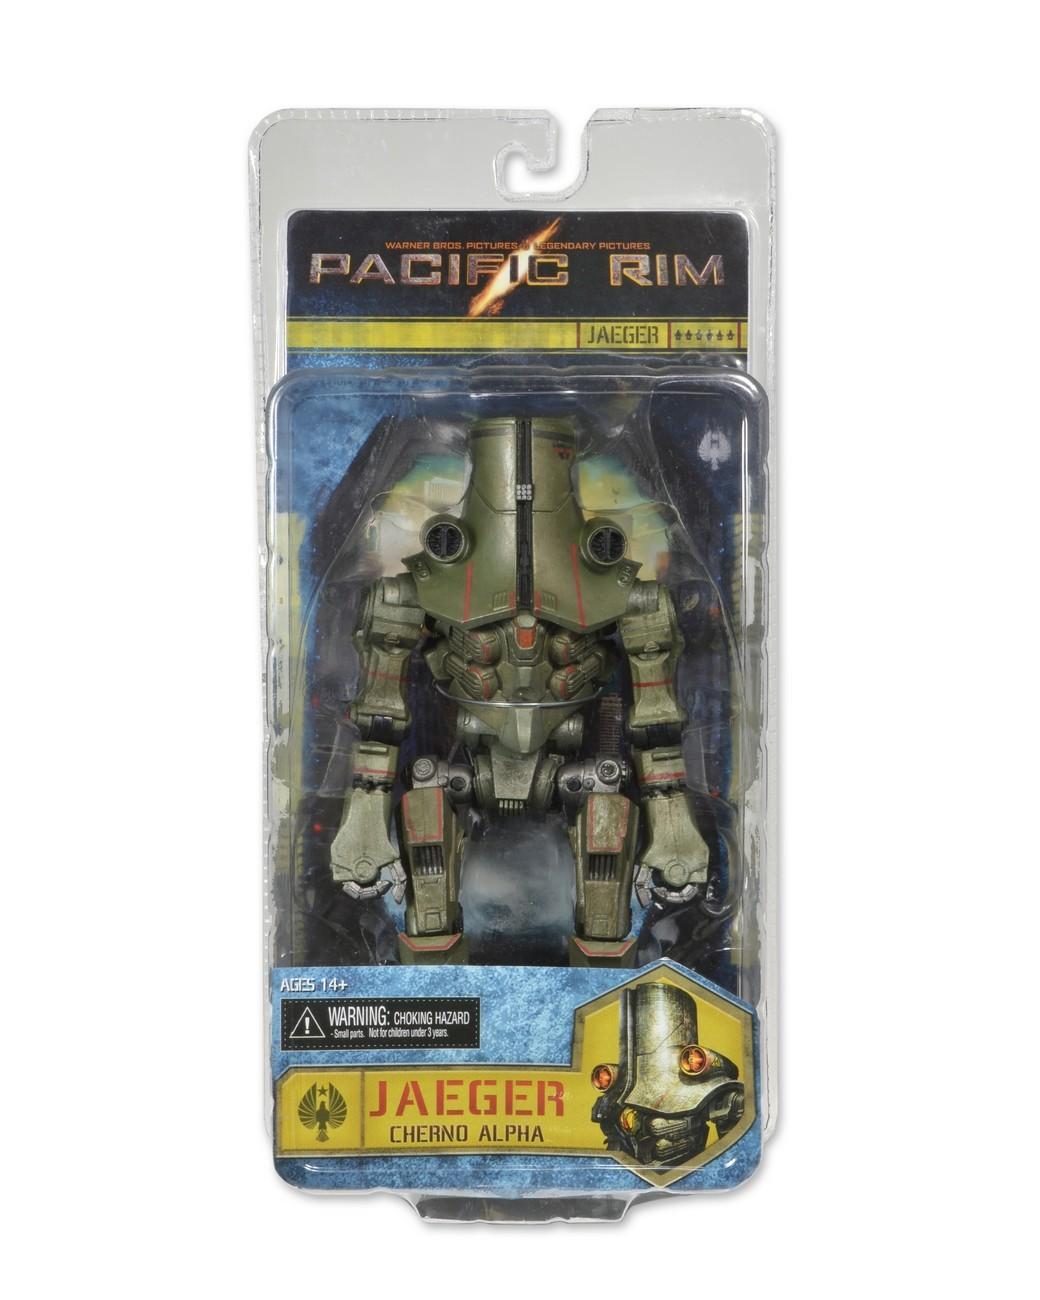 NECA Pacific Rim – Series 3 Russian Jaeger Cherno Alpha